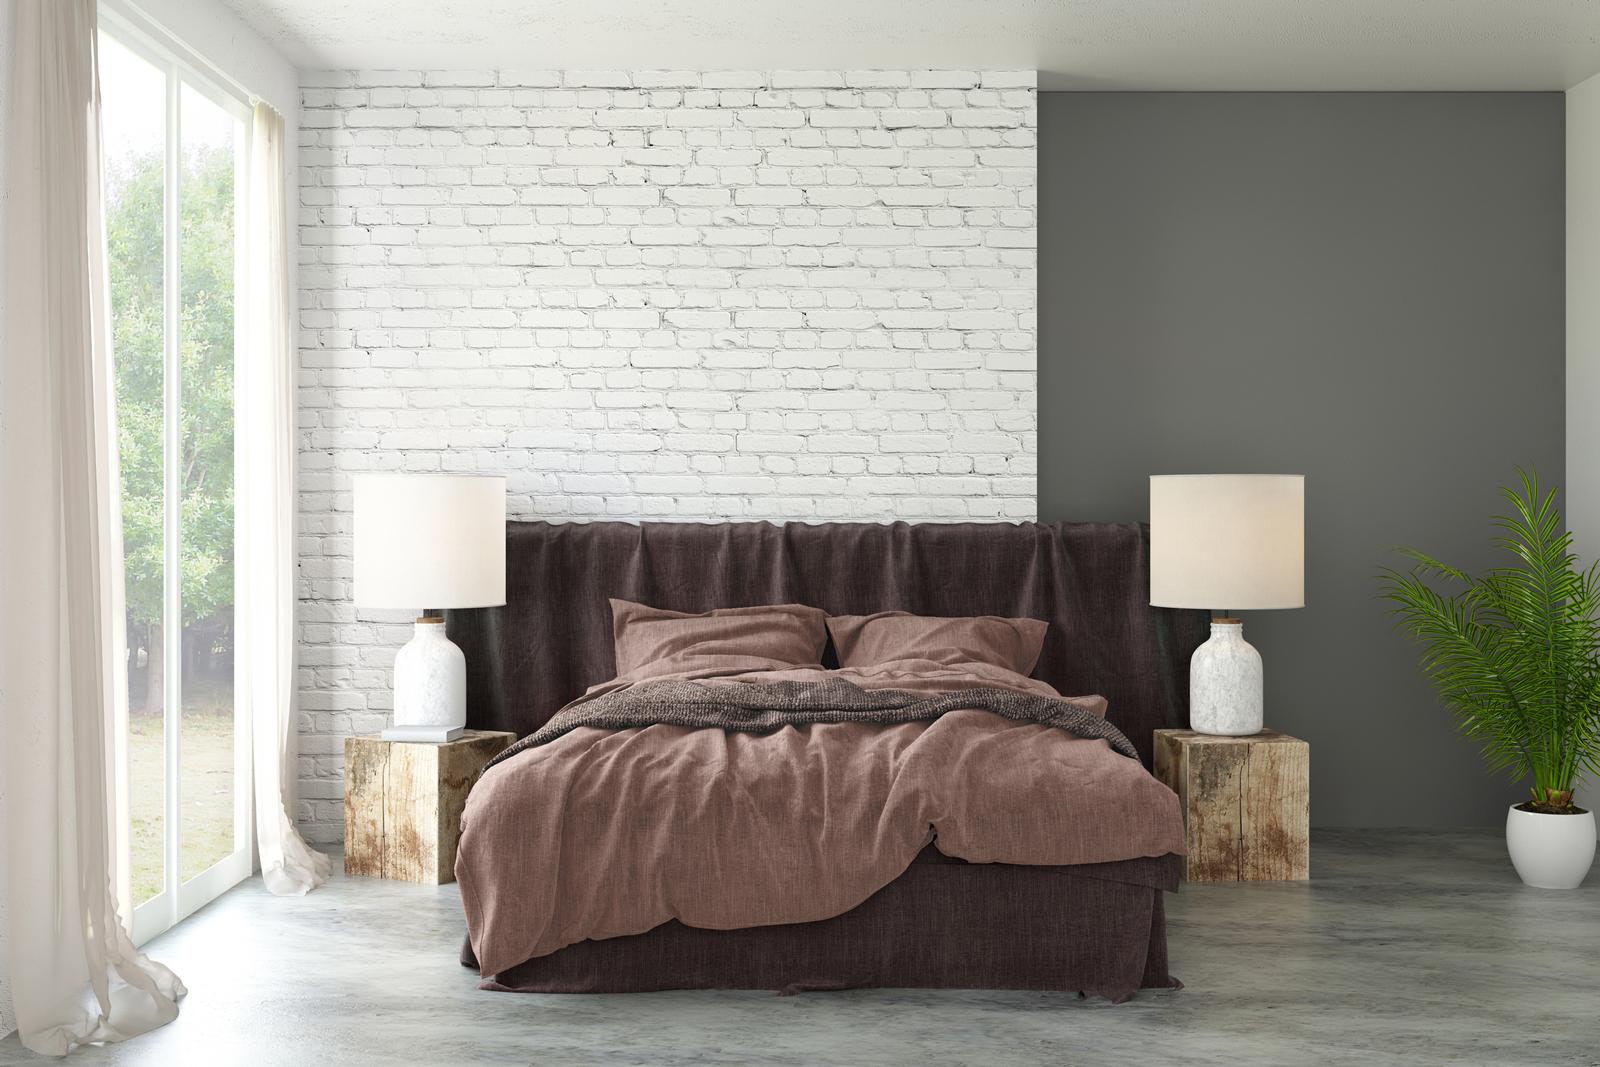 Beton oder Sichtestrich kann im Schlafzimmer edel und auch warm wirken, wenn du den richtigen Farbton und Schliff wählst.